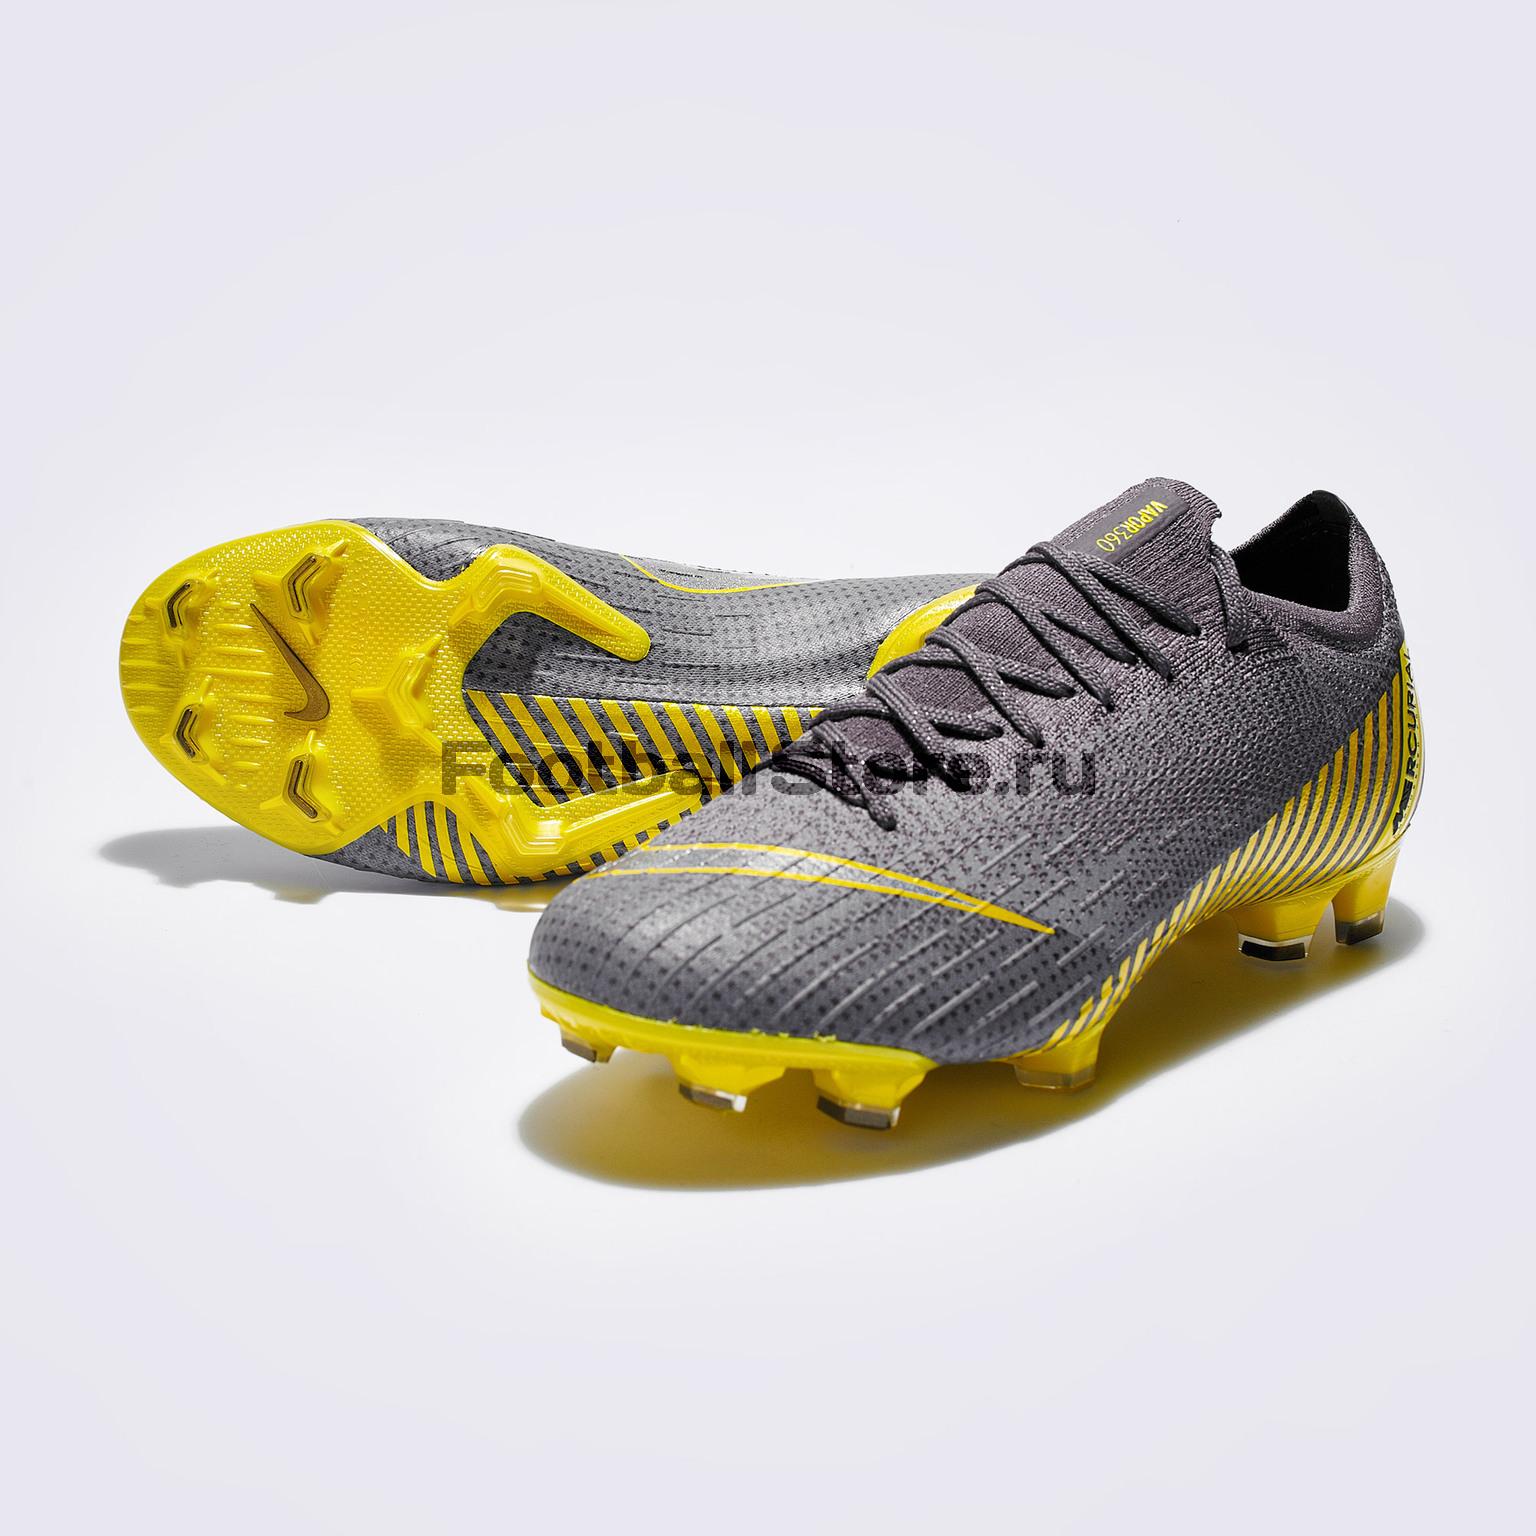 Бутсы Nike Vapor 12 Elite FG AH7380-070 бутсы nike mercurial victory iii fg 509128 800